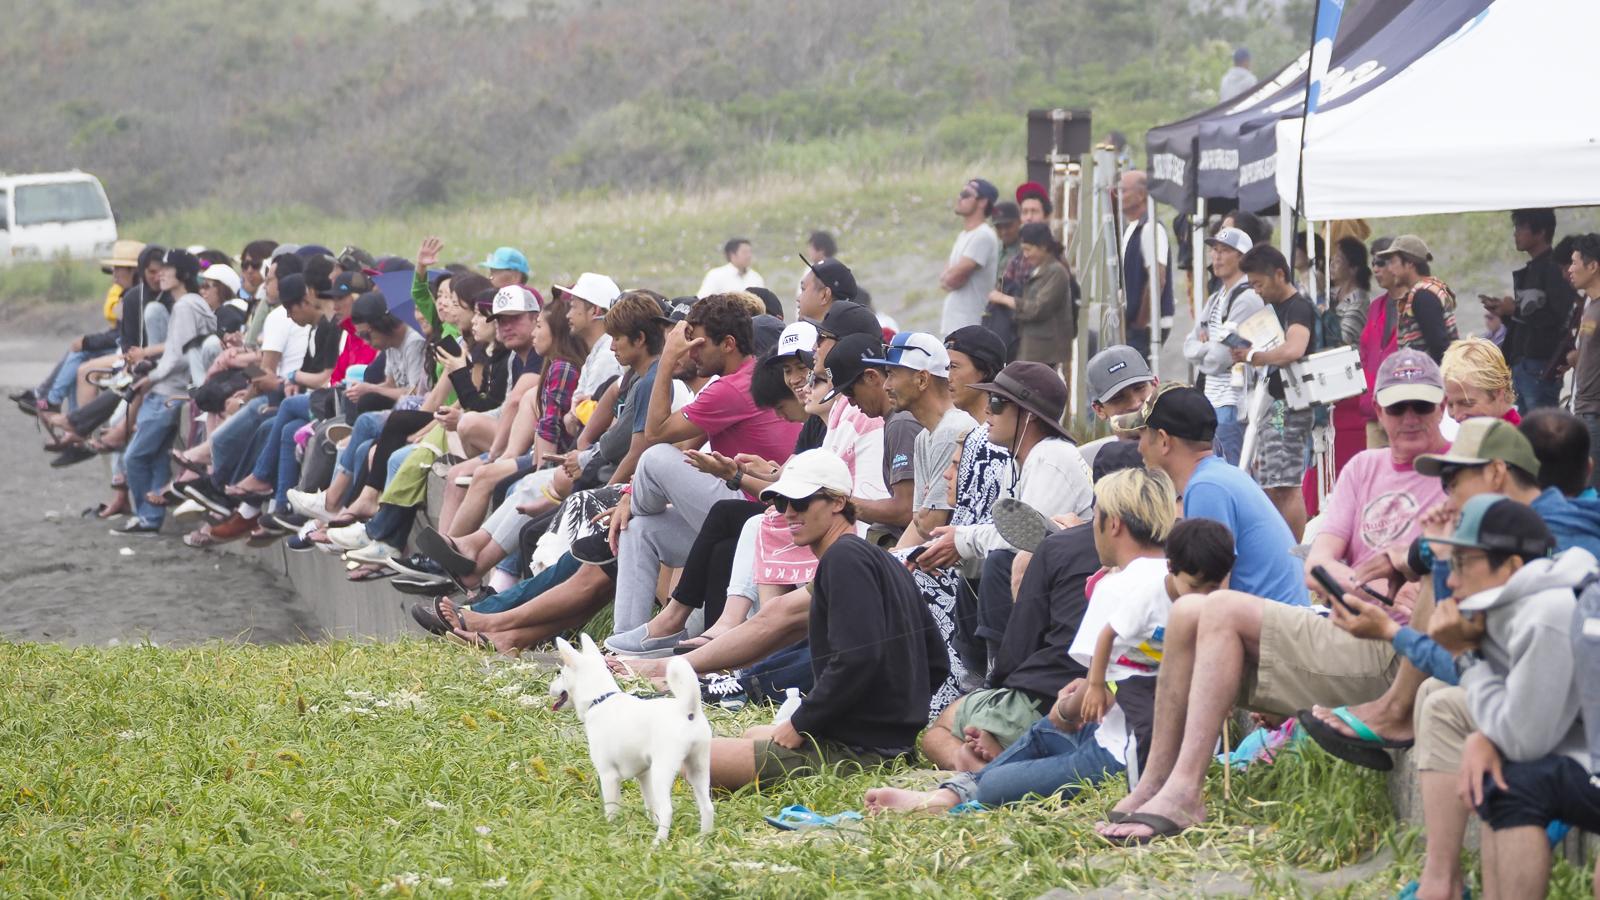 オールスター登場の本日は多くのギャラリーがビーチに詰めかけた